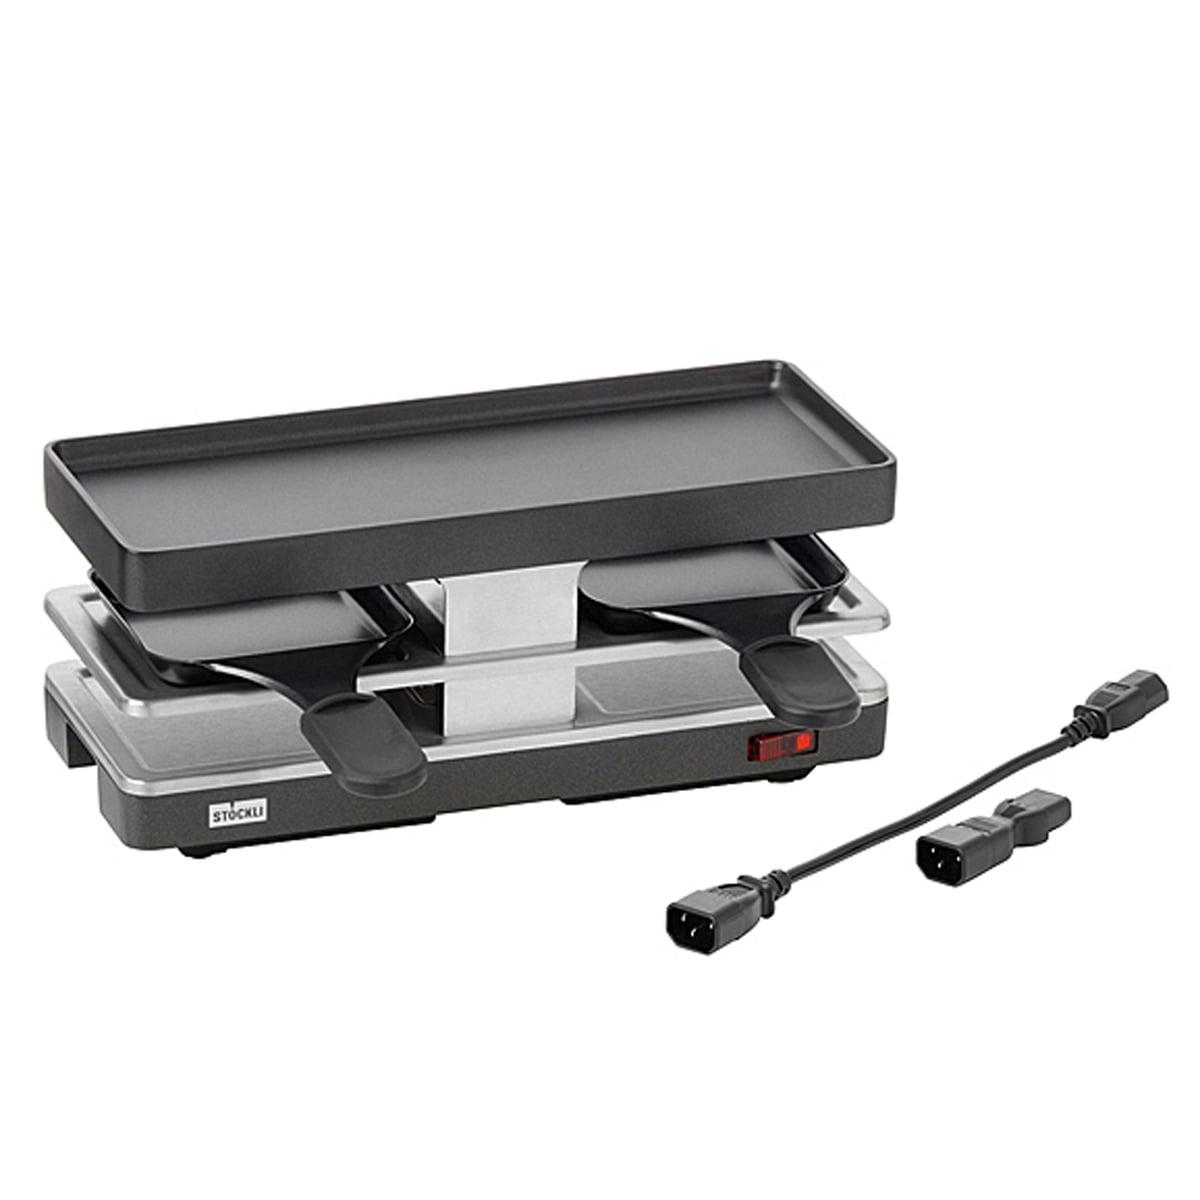 Stöckli - Raclette Twinboard Fortsetzungsgerät, anthrazit | Küche und Esszimmer > Küchengeräte | Stöckli